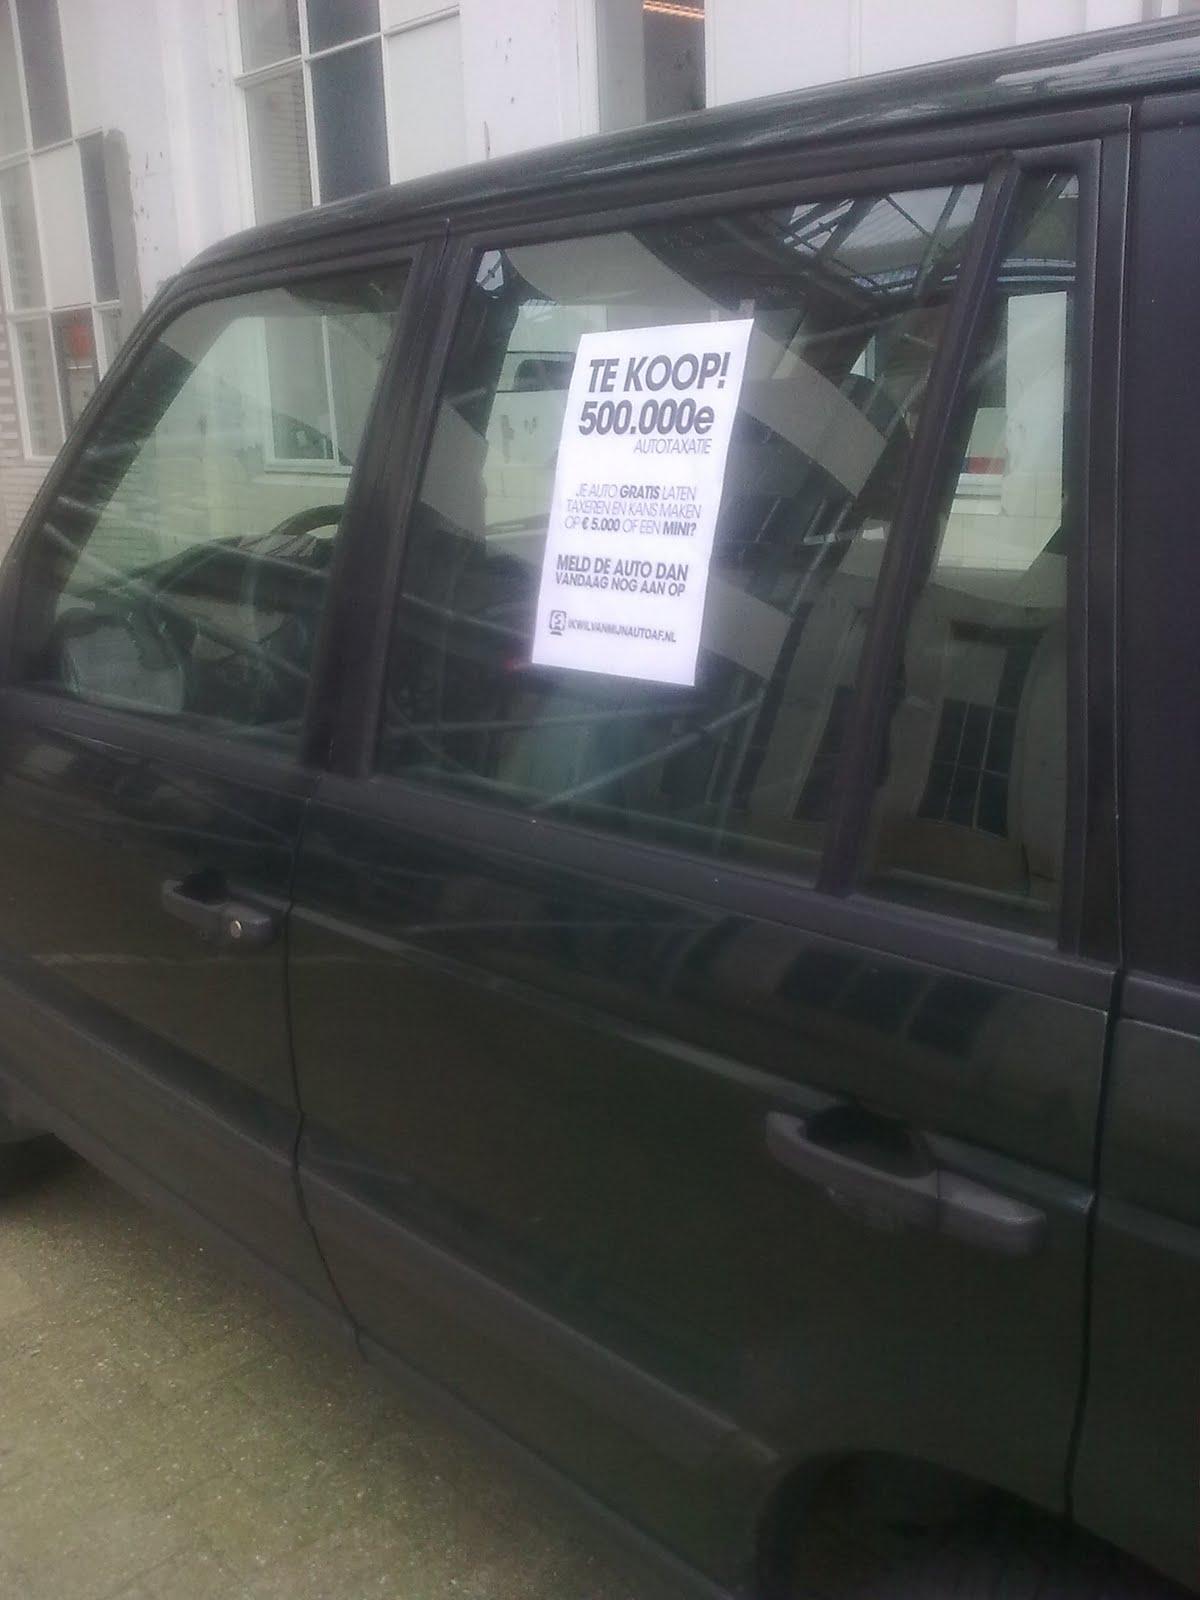 Auto Verkopen Ikwilvanmijnautoaf Nl Autoinkoop Nieuws